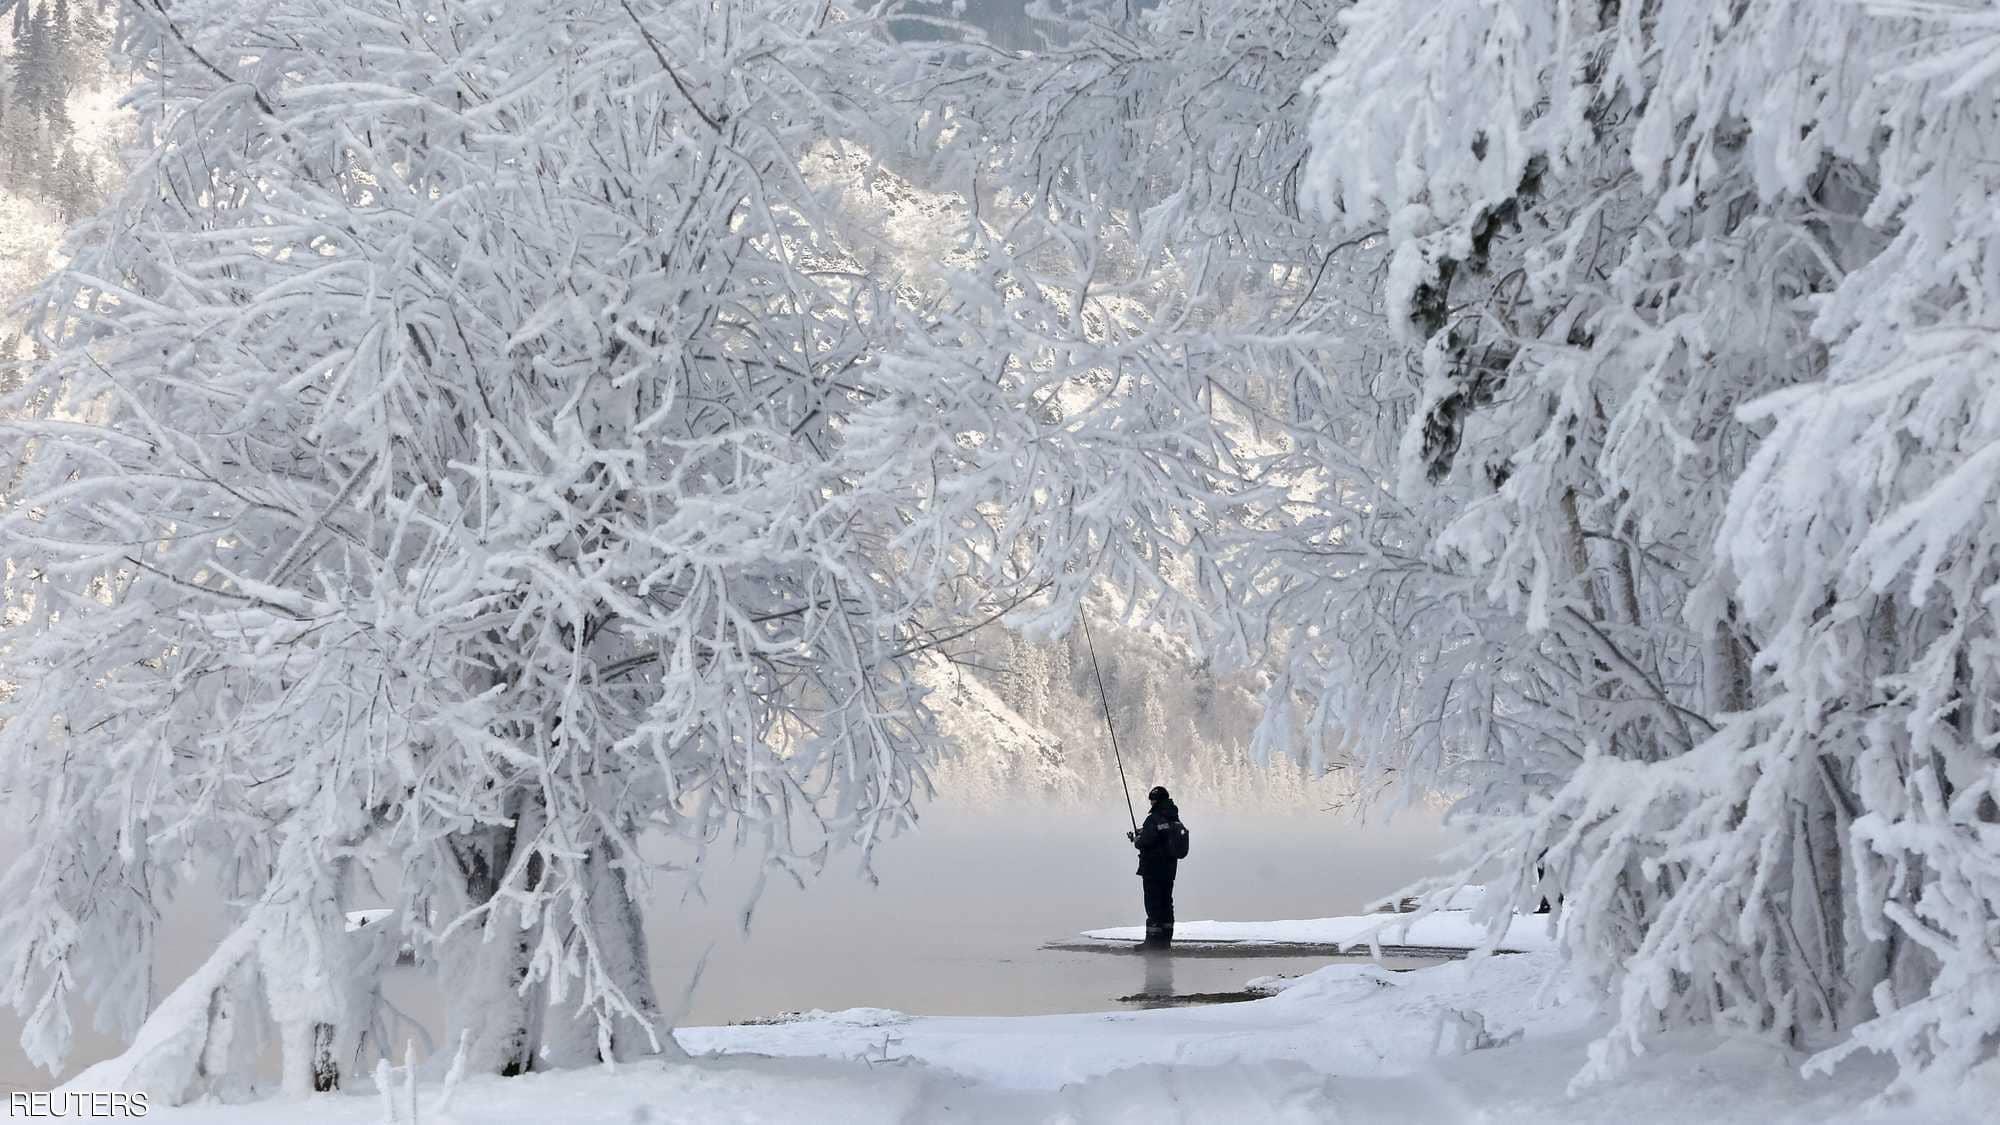 الاستمتاع باللحظات الخاصة فى الشتاء